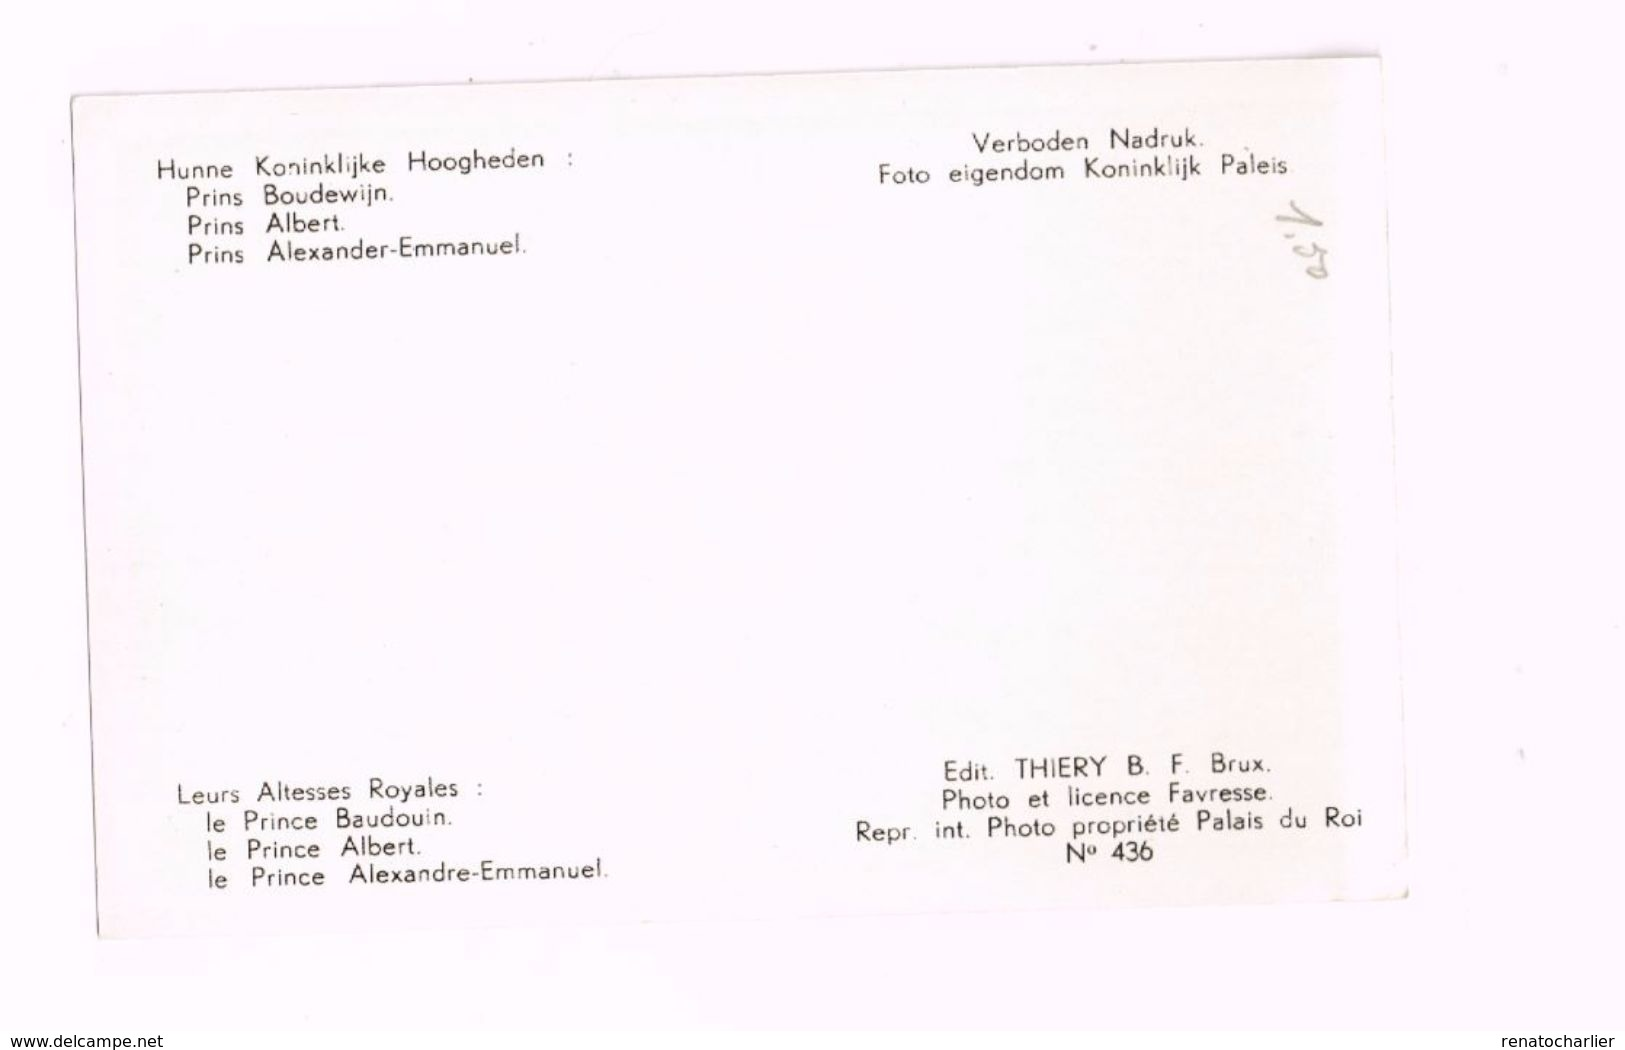 Leurs Altesses Royales Le Prince Baudouin,le Prince Albert,le Prince Alexandre-Emmanuel - Familles Royales